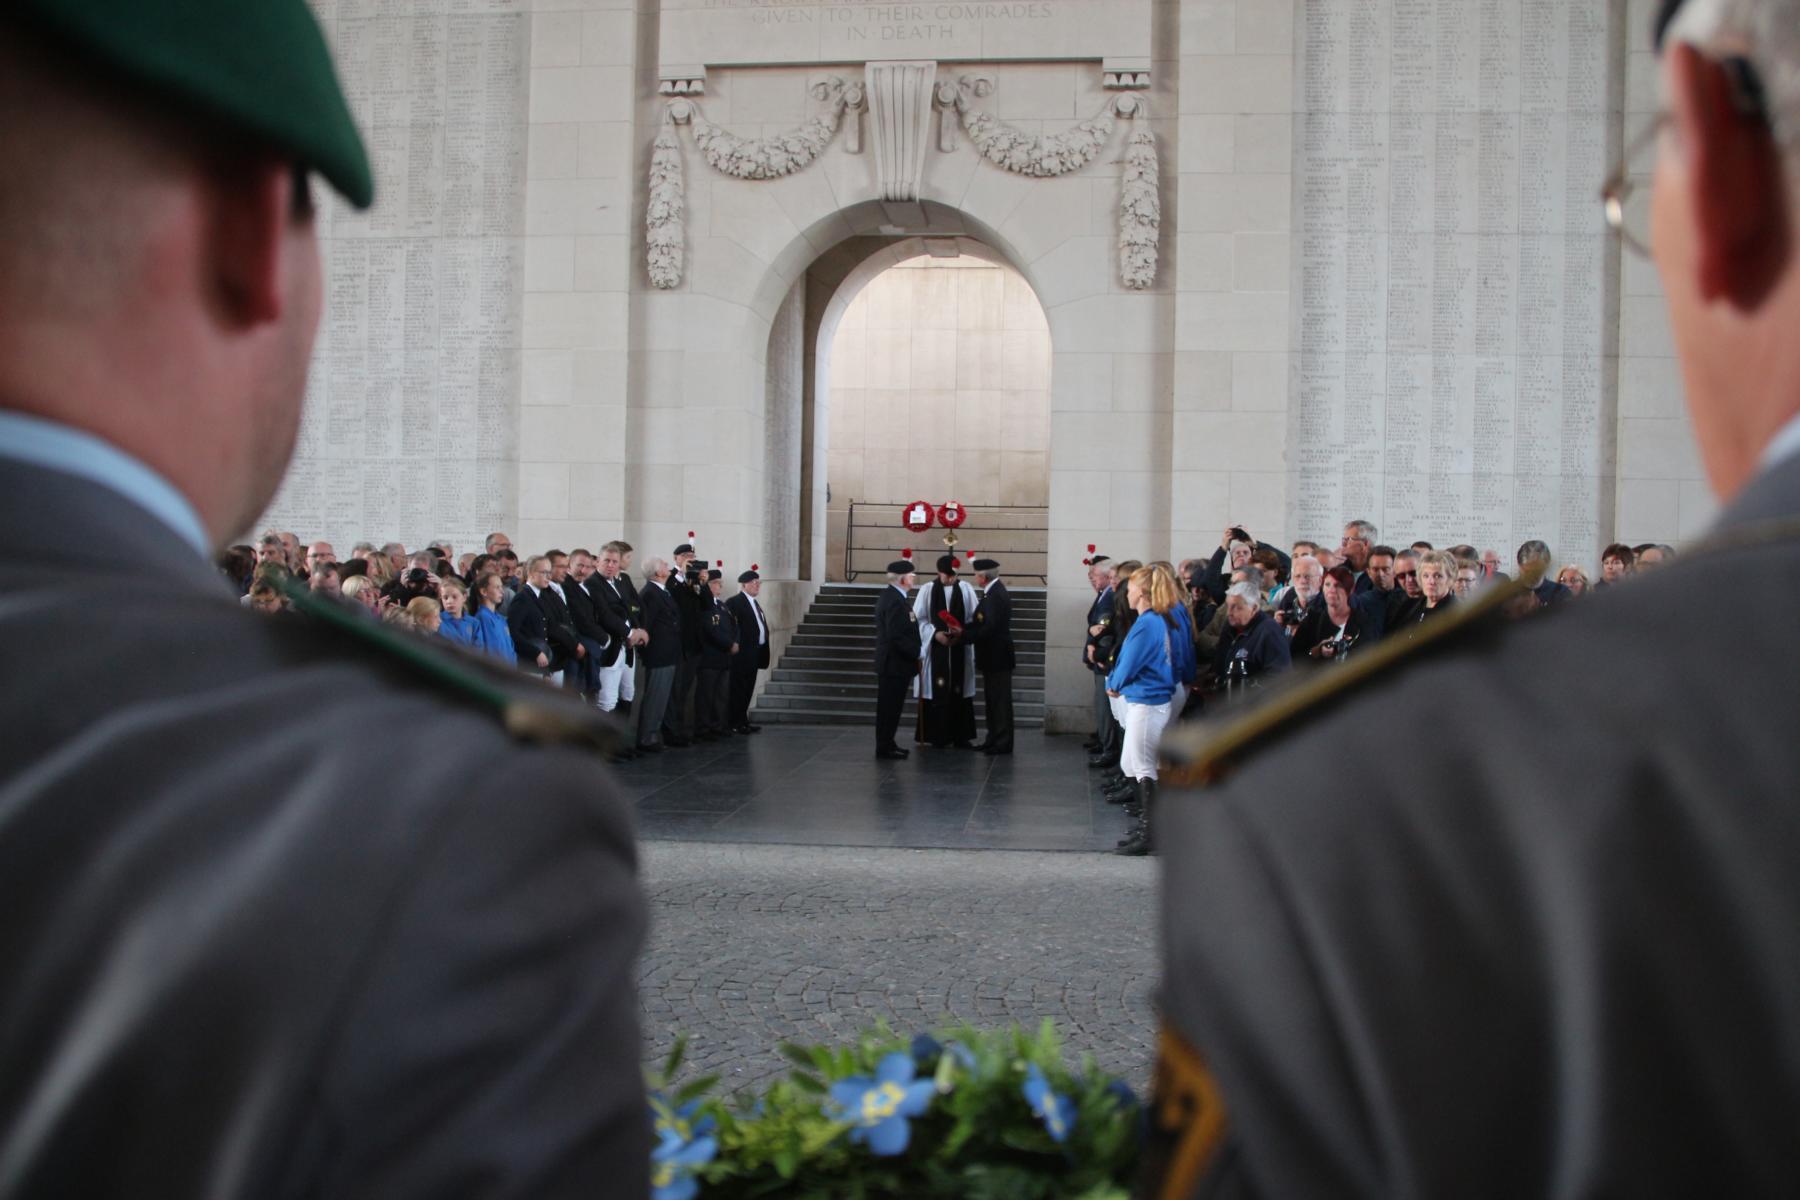 Dieses Zeremoniell findet in YPERN jeden Abend seit 1928 statt...